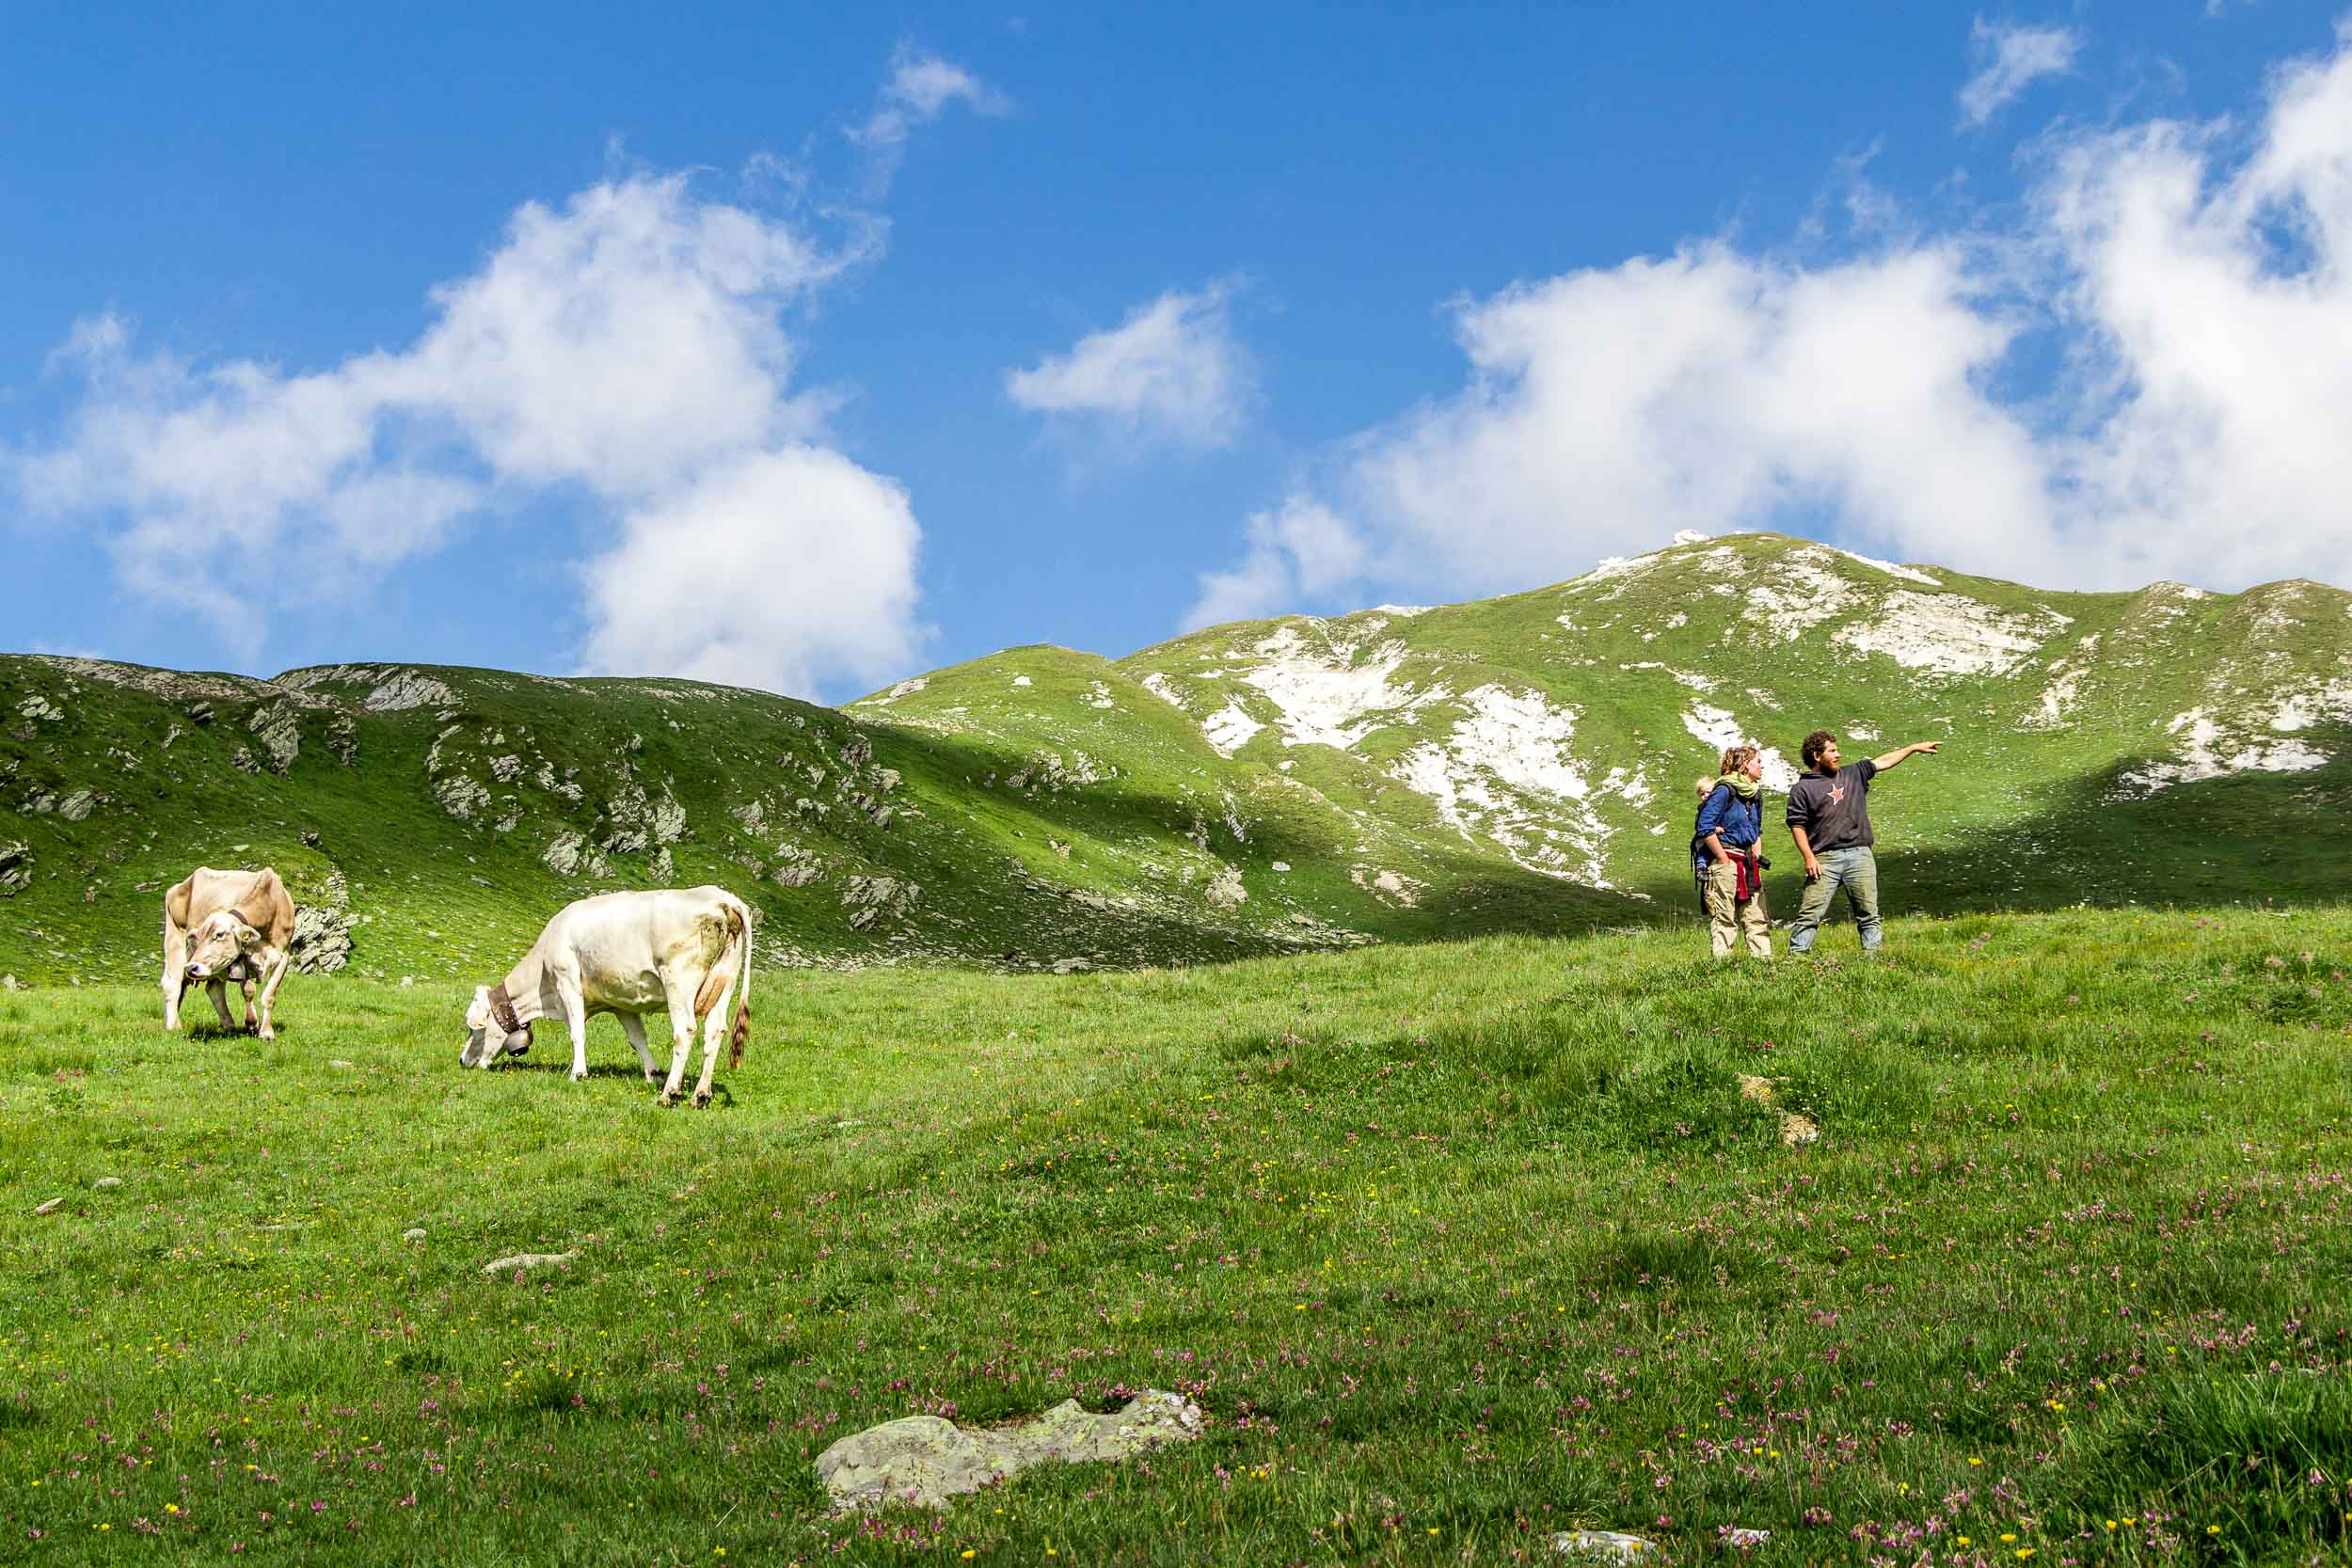 20130805_02540 Auf der Alp.jpg